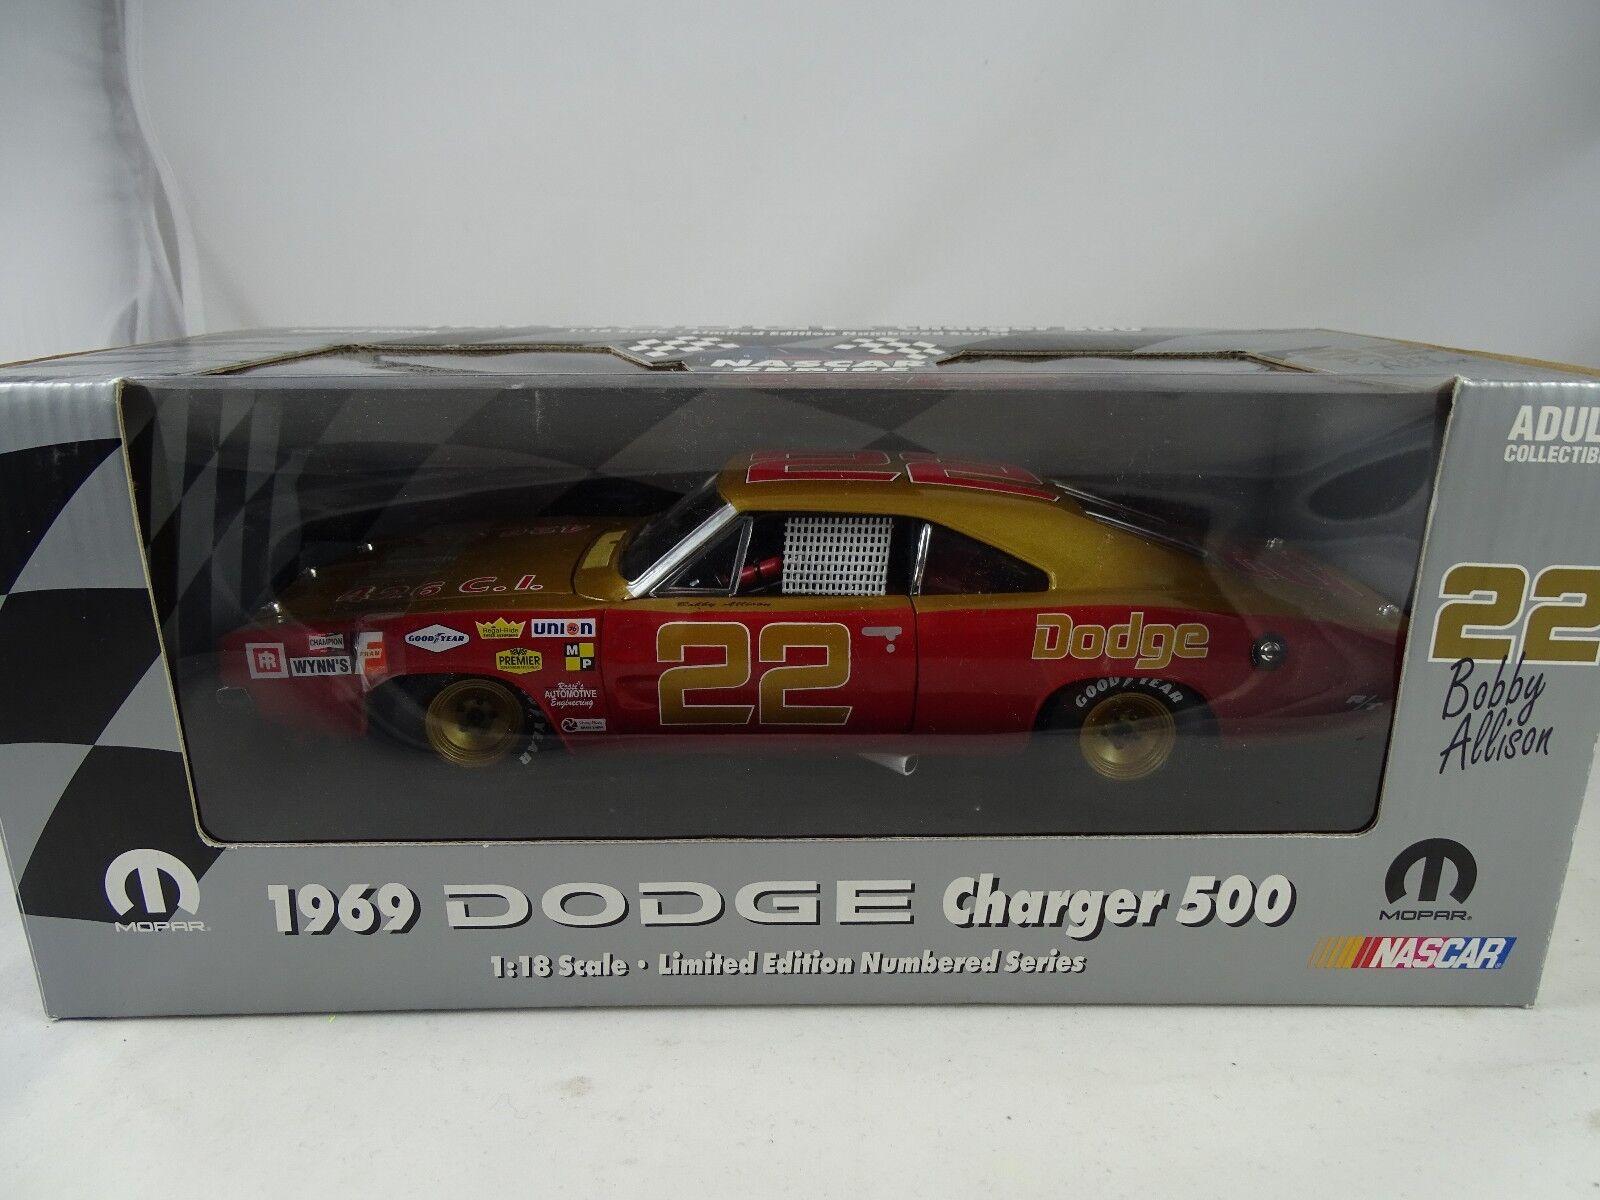 1 18 Ertl 1969 Dodge Charger 500-Bobby Allison  22 Limited NASCAR Series